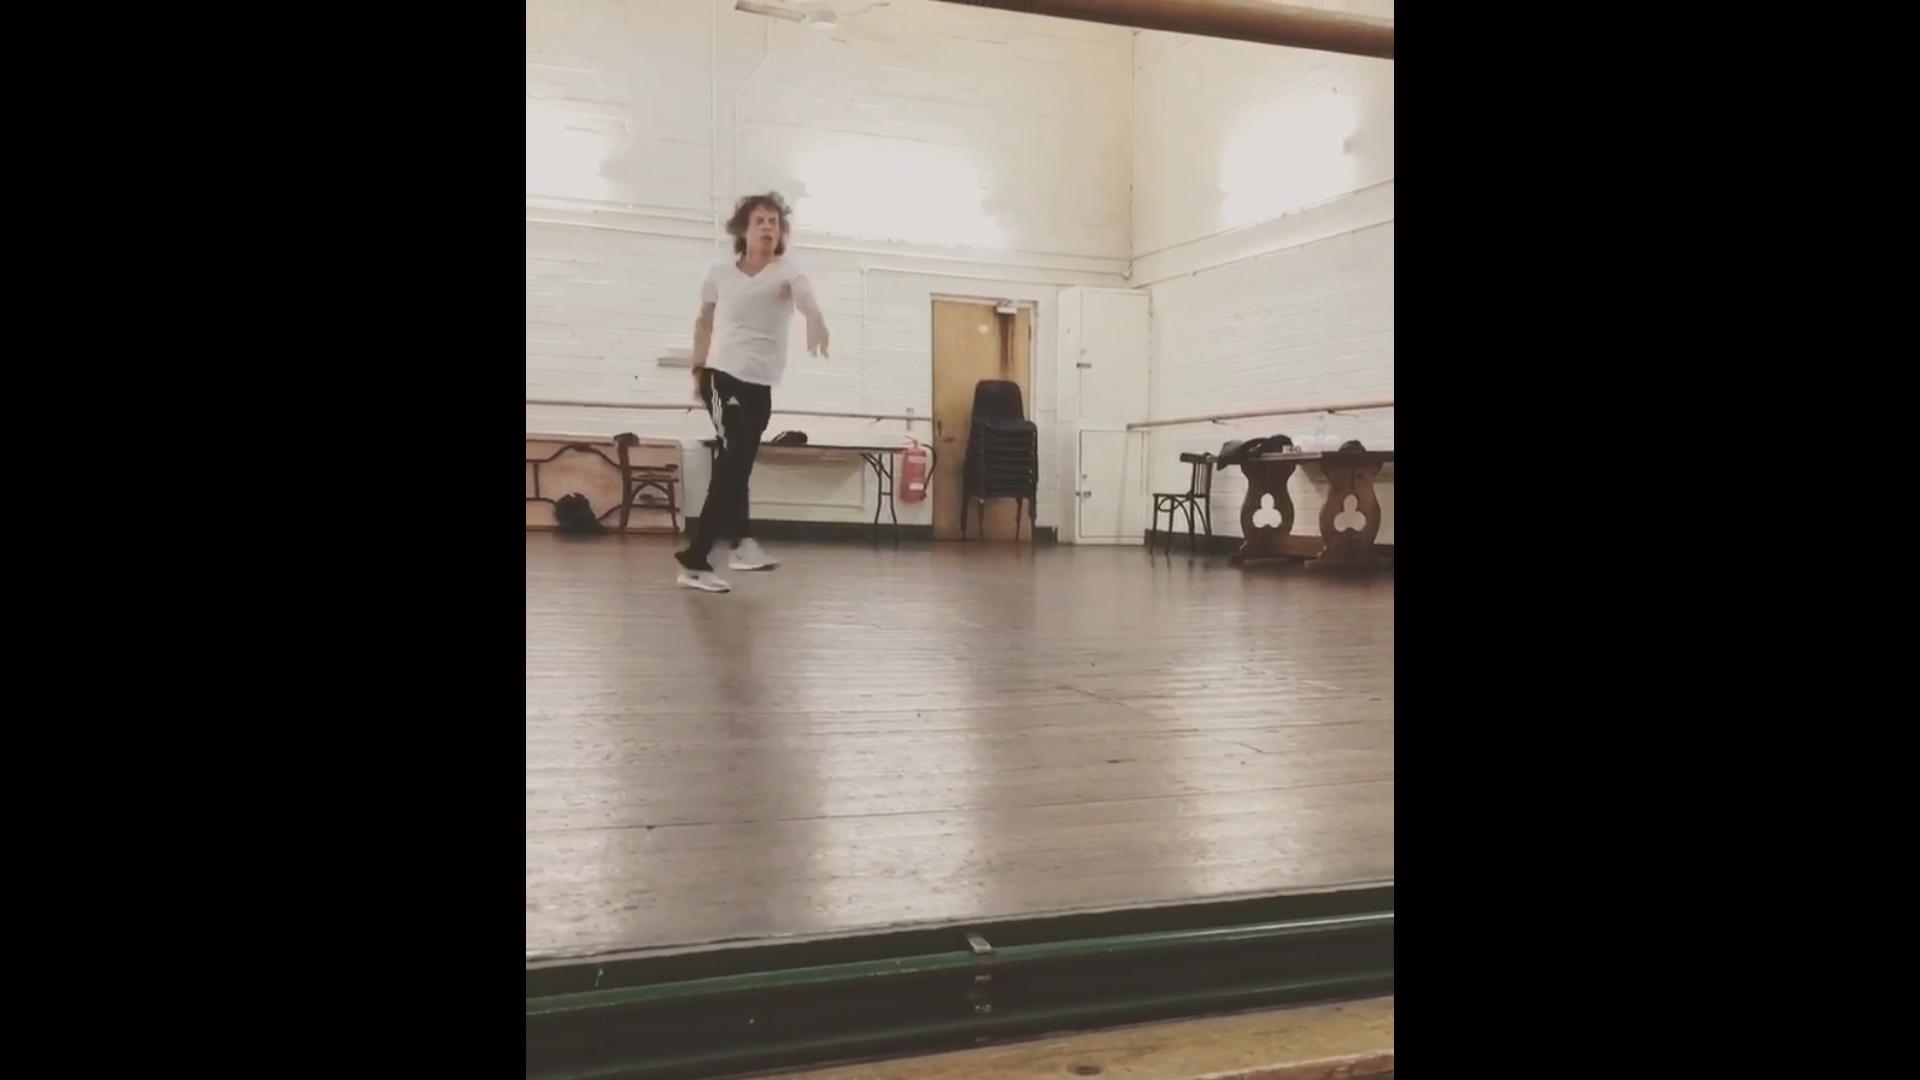 Így táncol egy 75 éves dédnagypapa egy hónappal a szívműtétje után